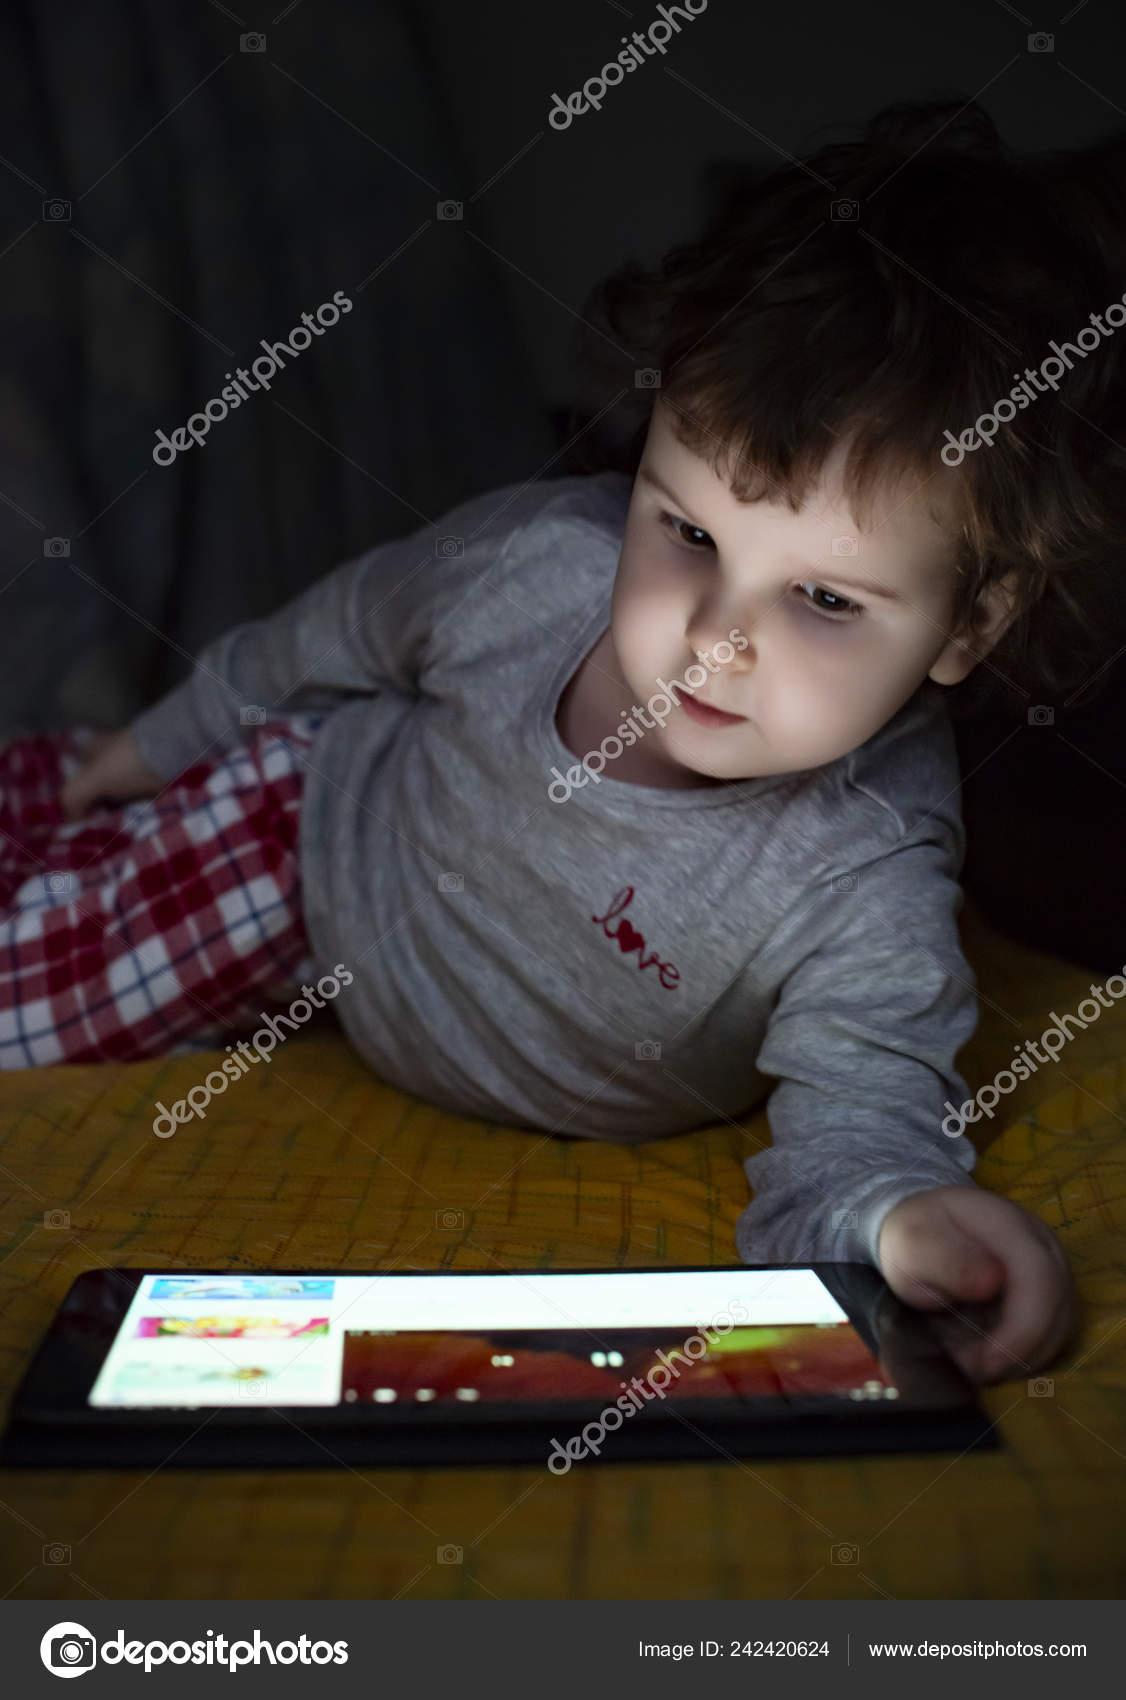 Petite Fille Regardant Tablette Dans Lit Illuminé Visage tout Tablette Enfant Fille